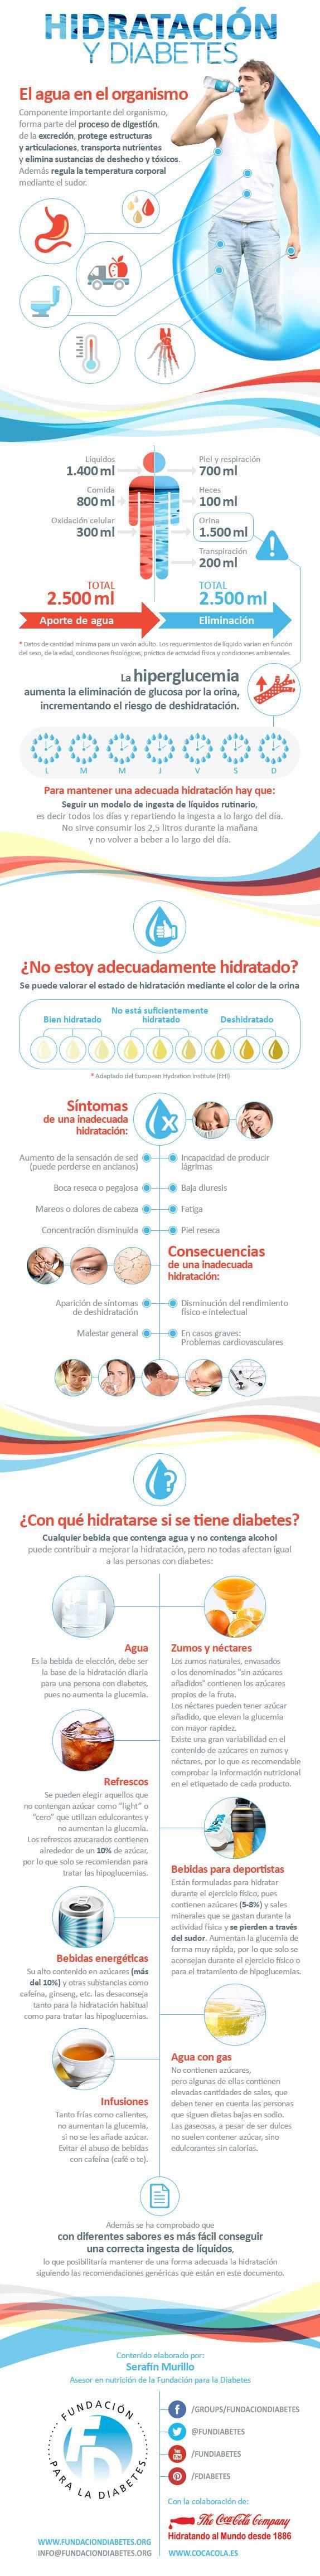 Infografía Hidratación y diabetes